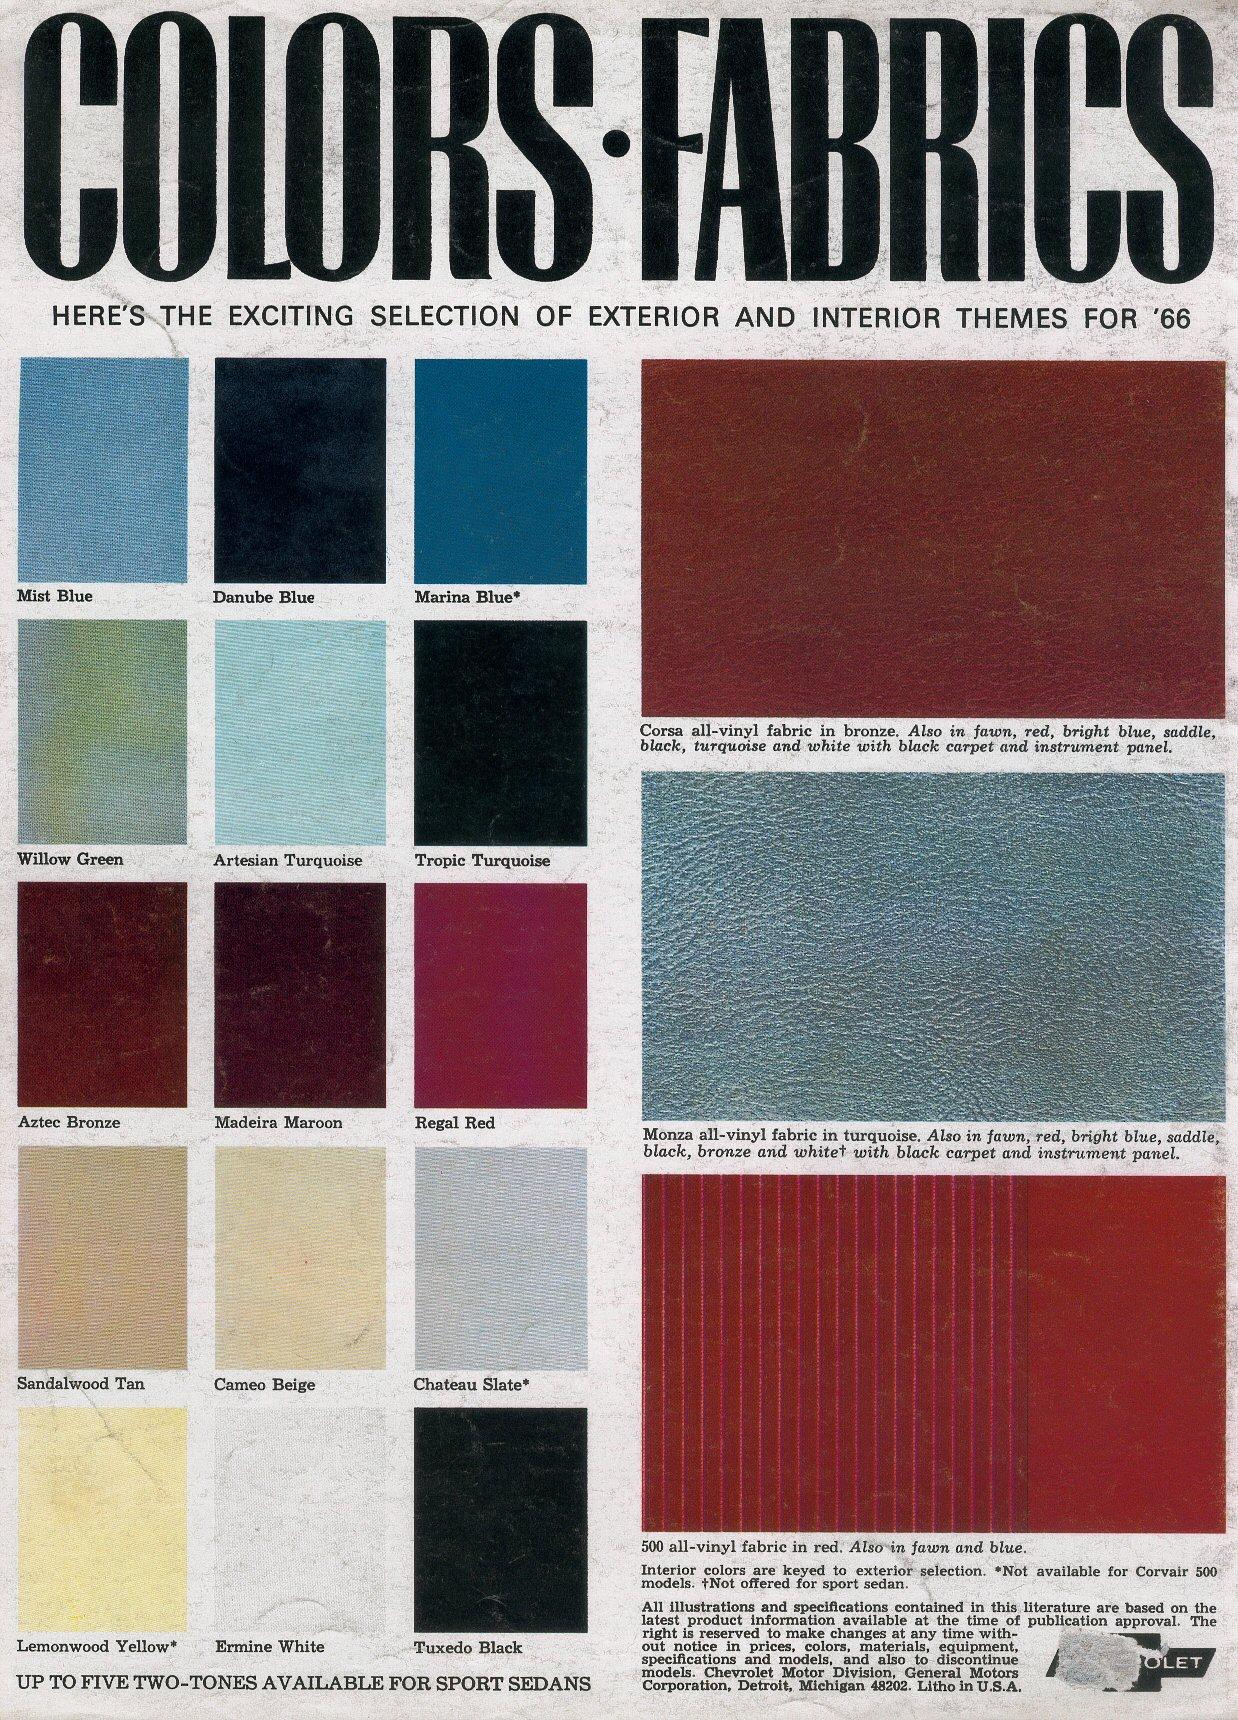 1966 Corvair Brochure